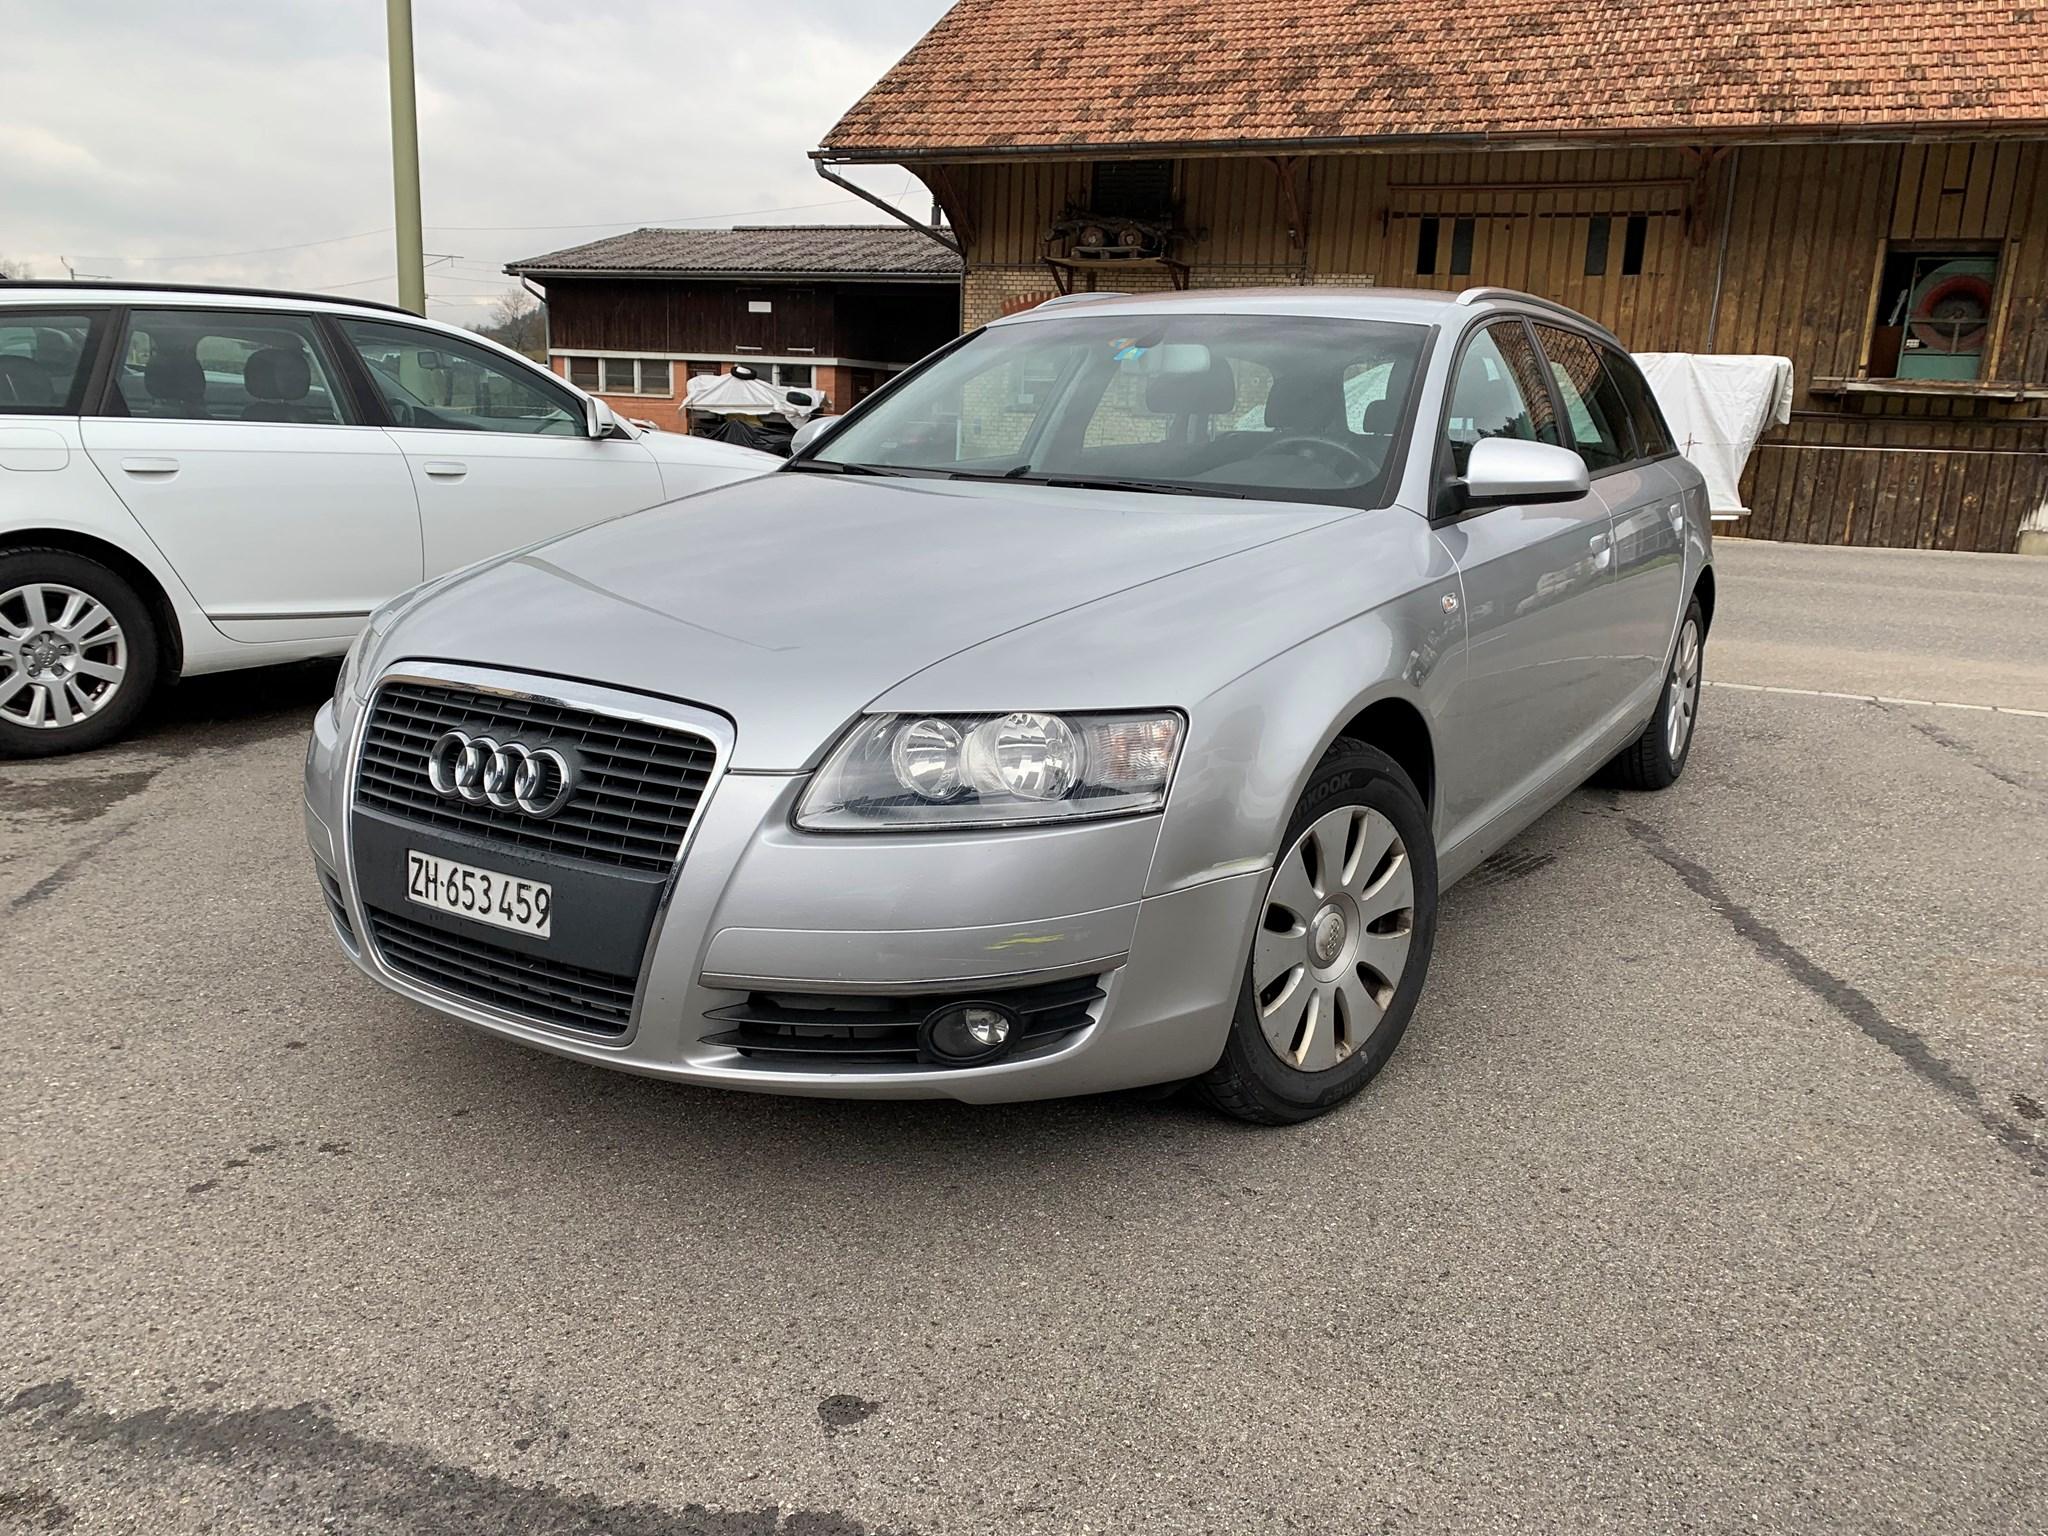 estate Audi A6 Avant 2.0 TDI